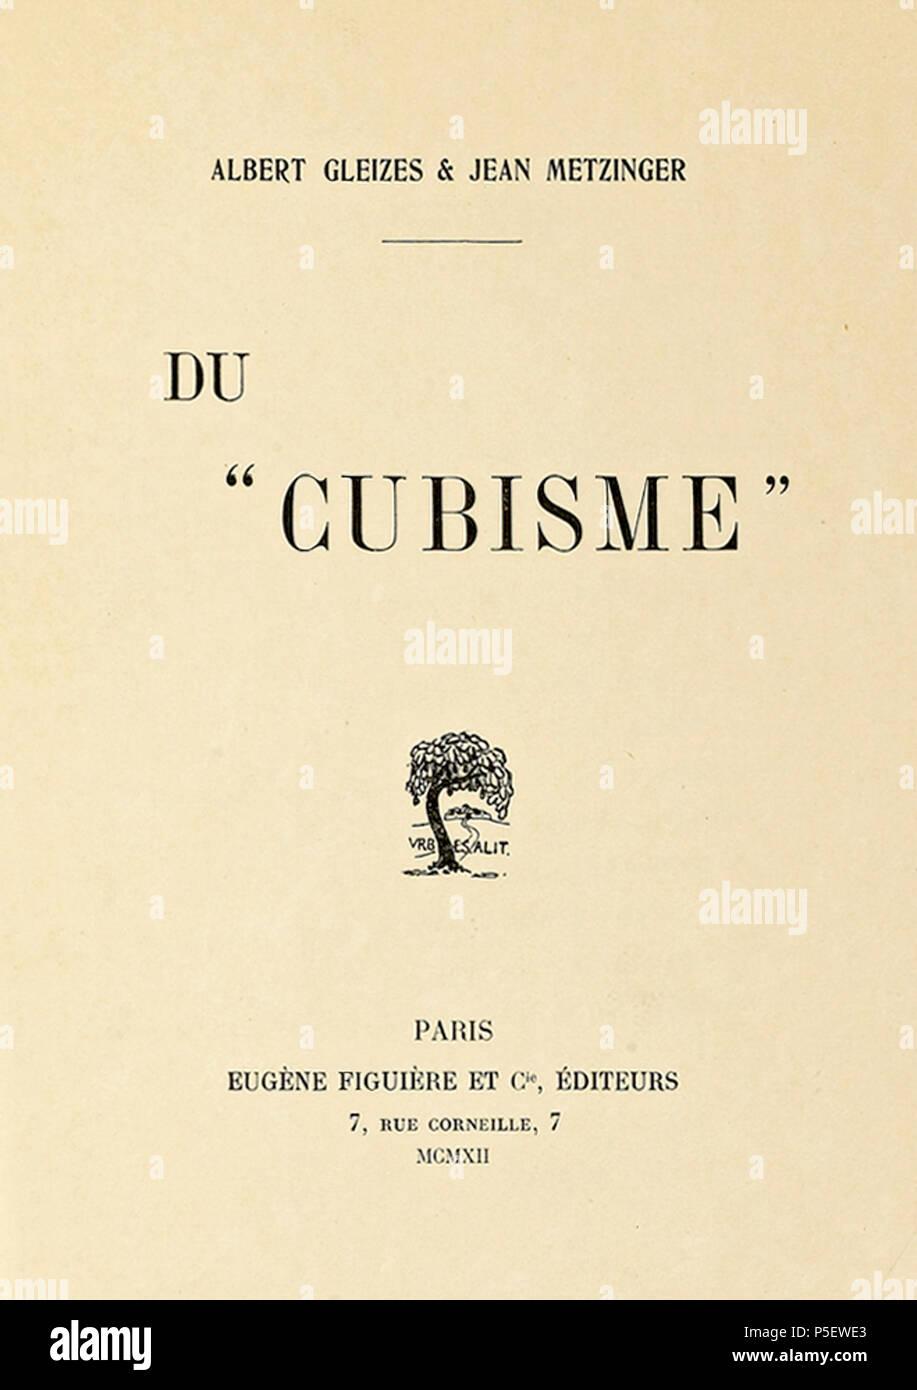 """482 Du """"Cubisme"""", 1912, Jean Metzinger, Albert Gleizes, Eugène Figuière Editeurs (cover) - Stock Image"""